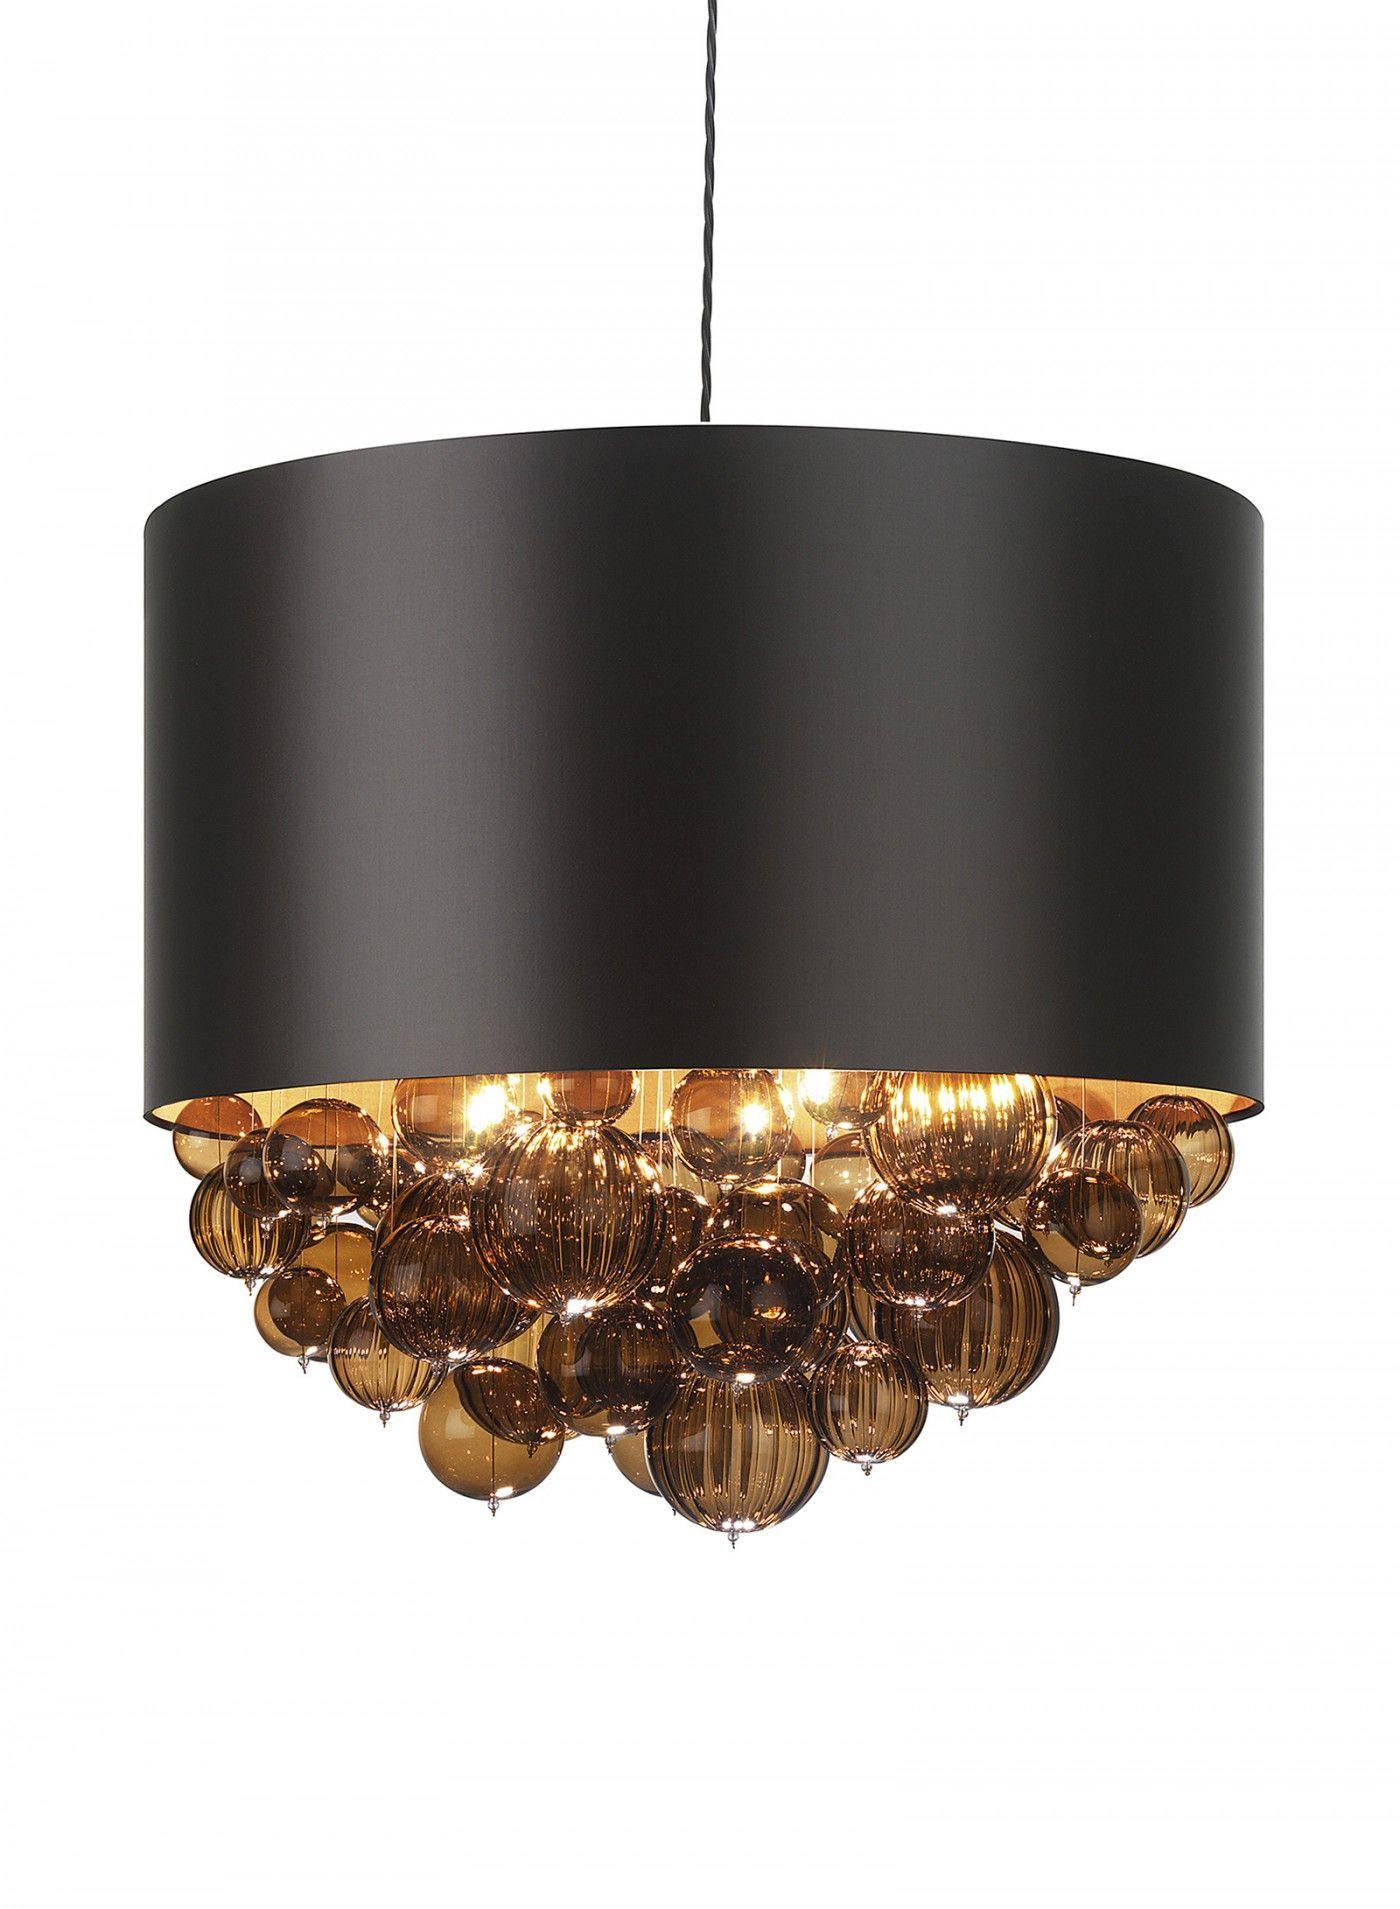 The lexington ceiling light pendants showcase the delicate